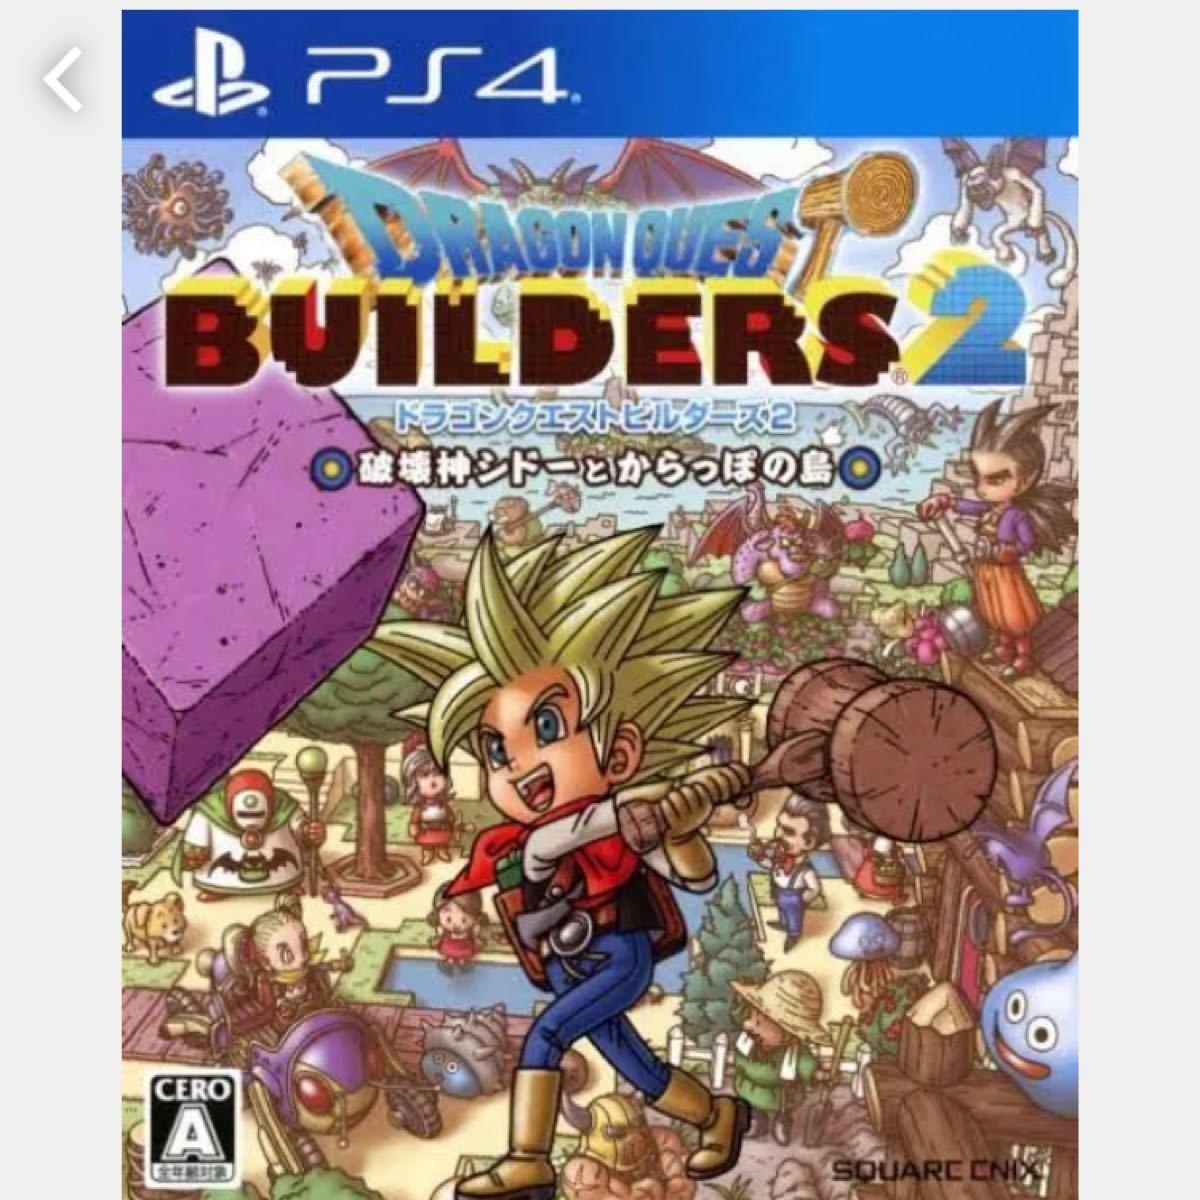 ドラゴンクエストビルダーズ2  PS4 破壊神シドー